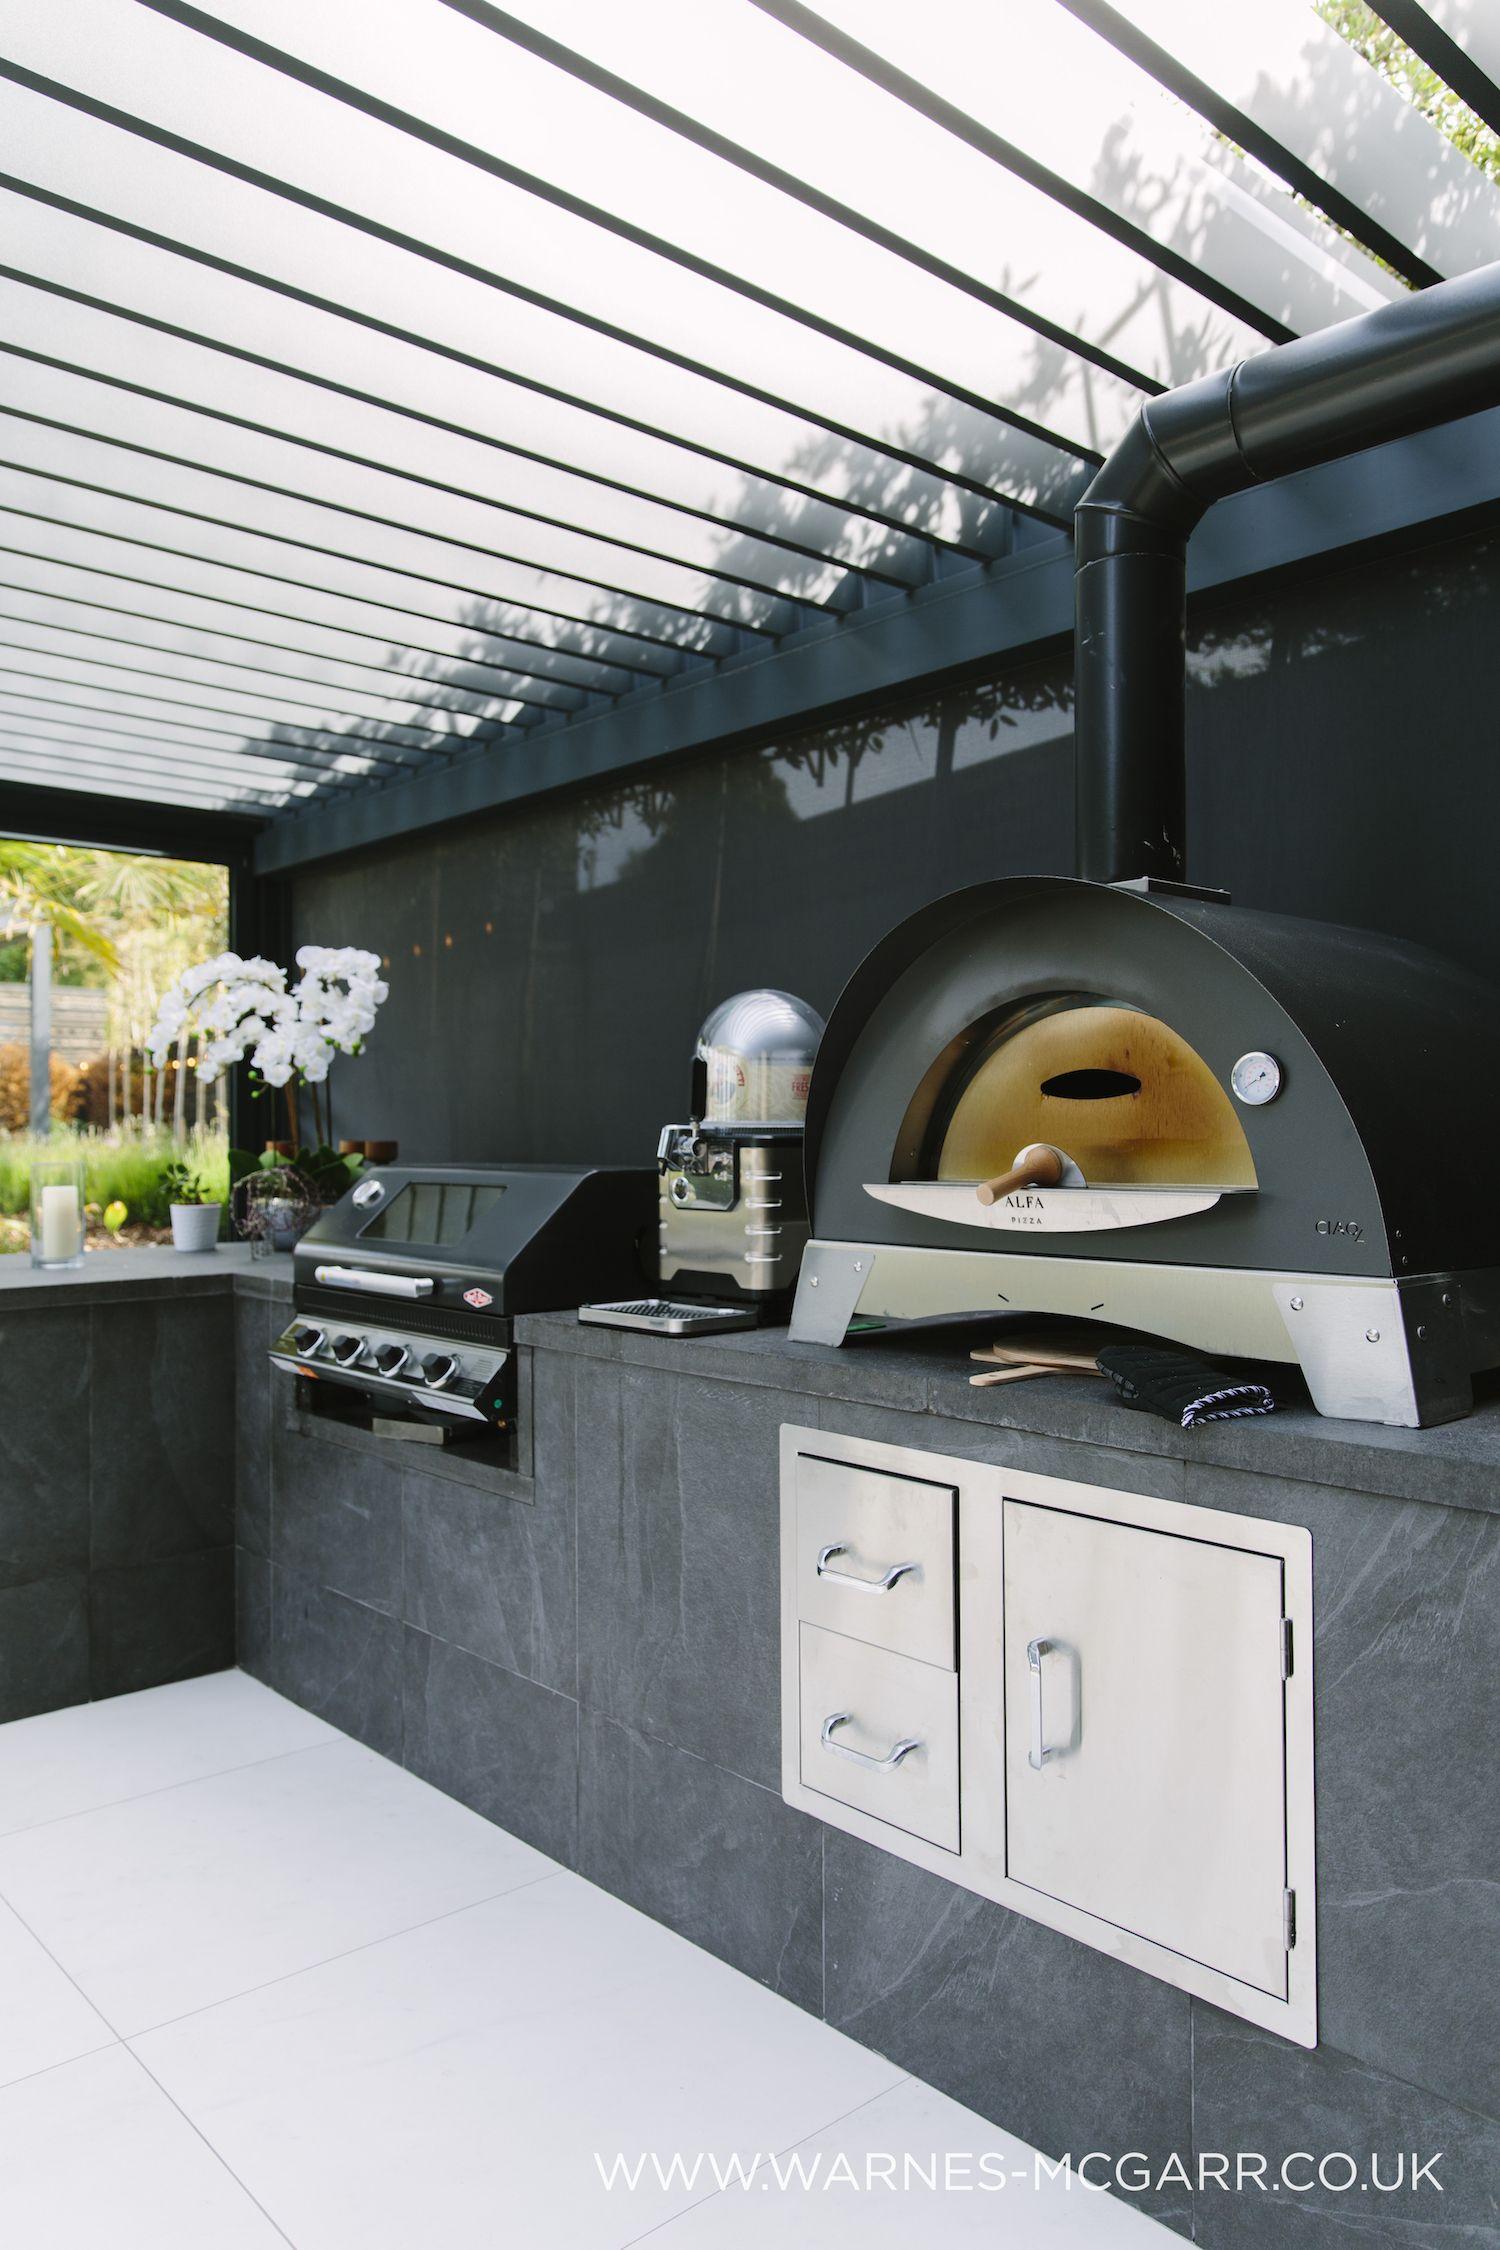 Igneus Classico Pizza Oven in 2020 Pizza oven outdoor